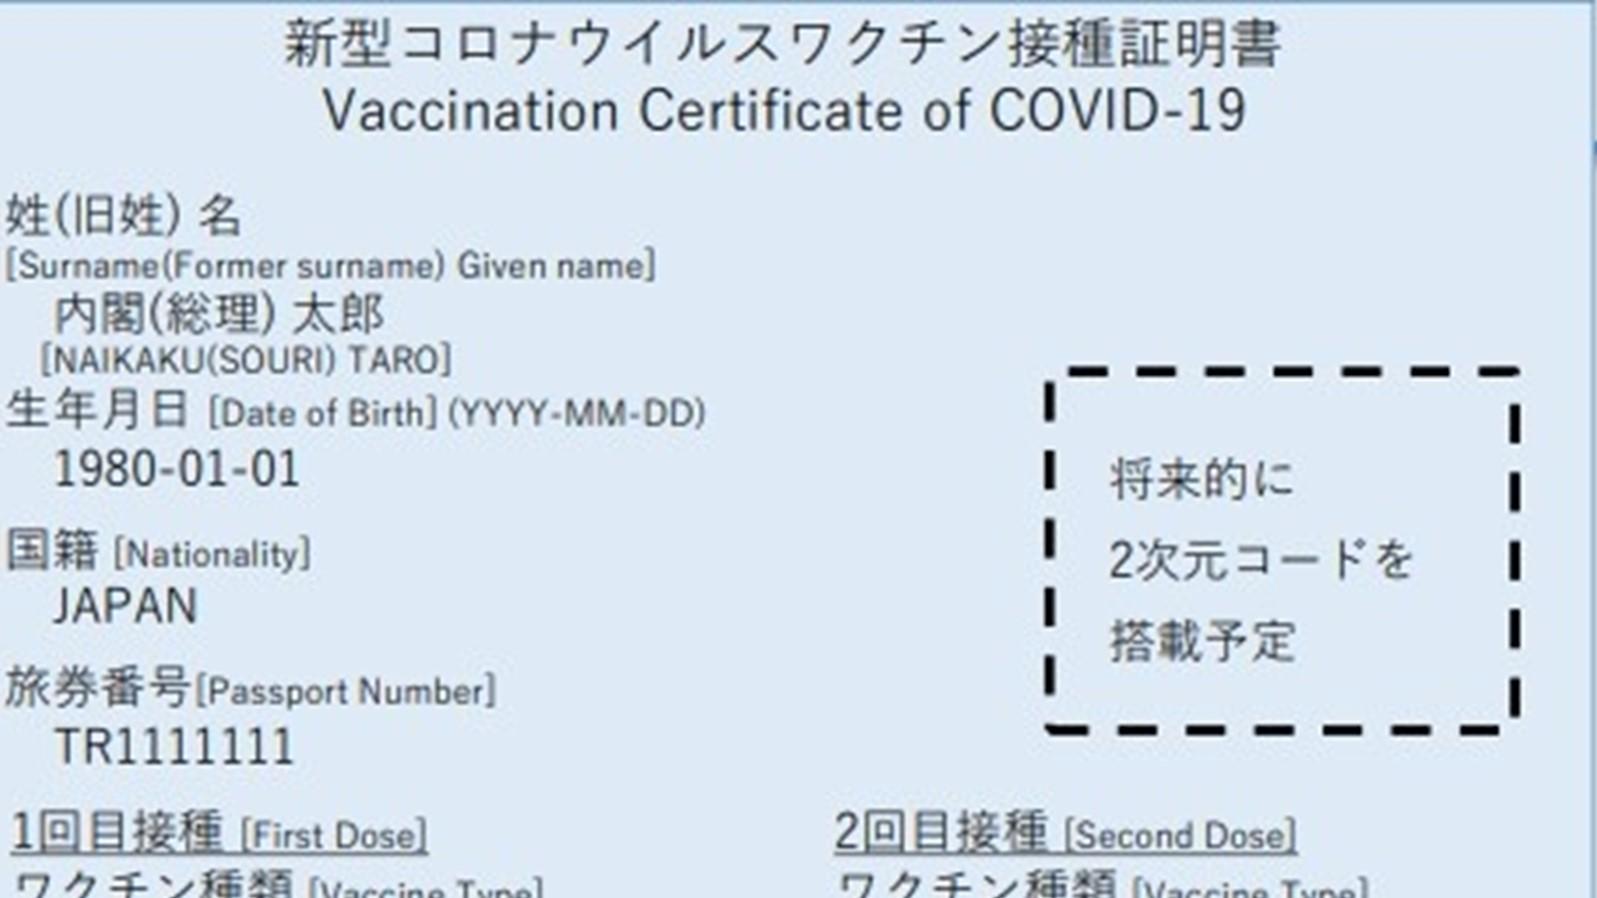 ワクチン接種証明書発行が開始、神戸市は独自にオンライン申請のみで受付